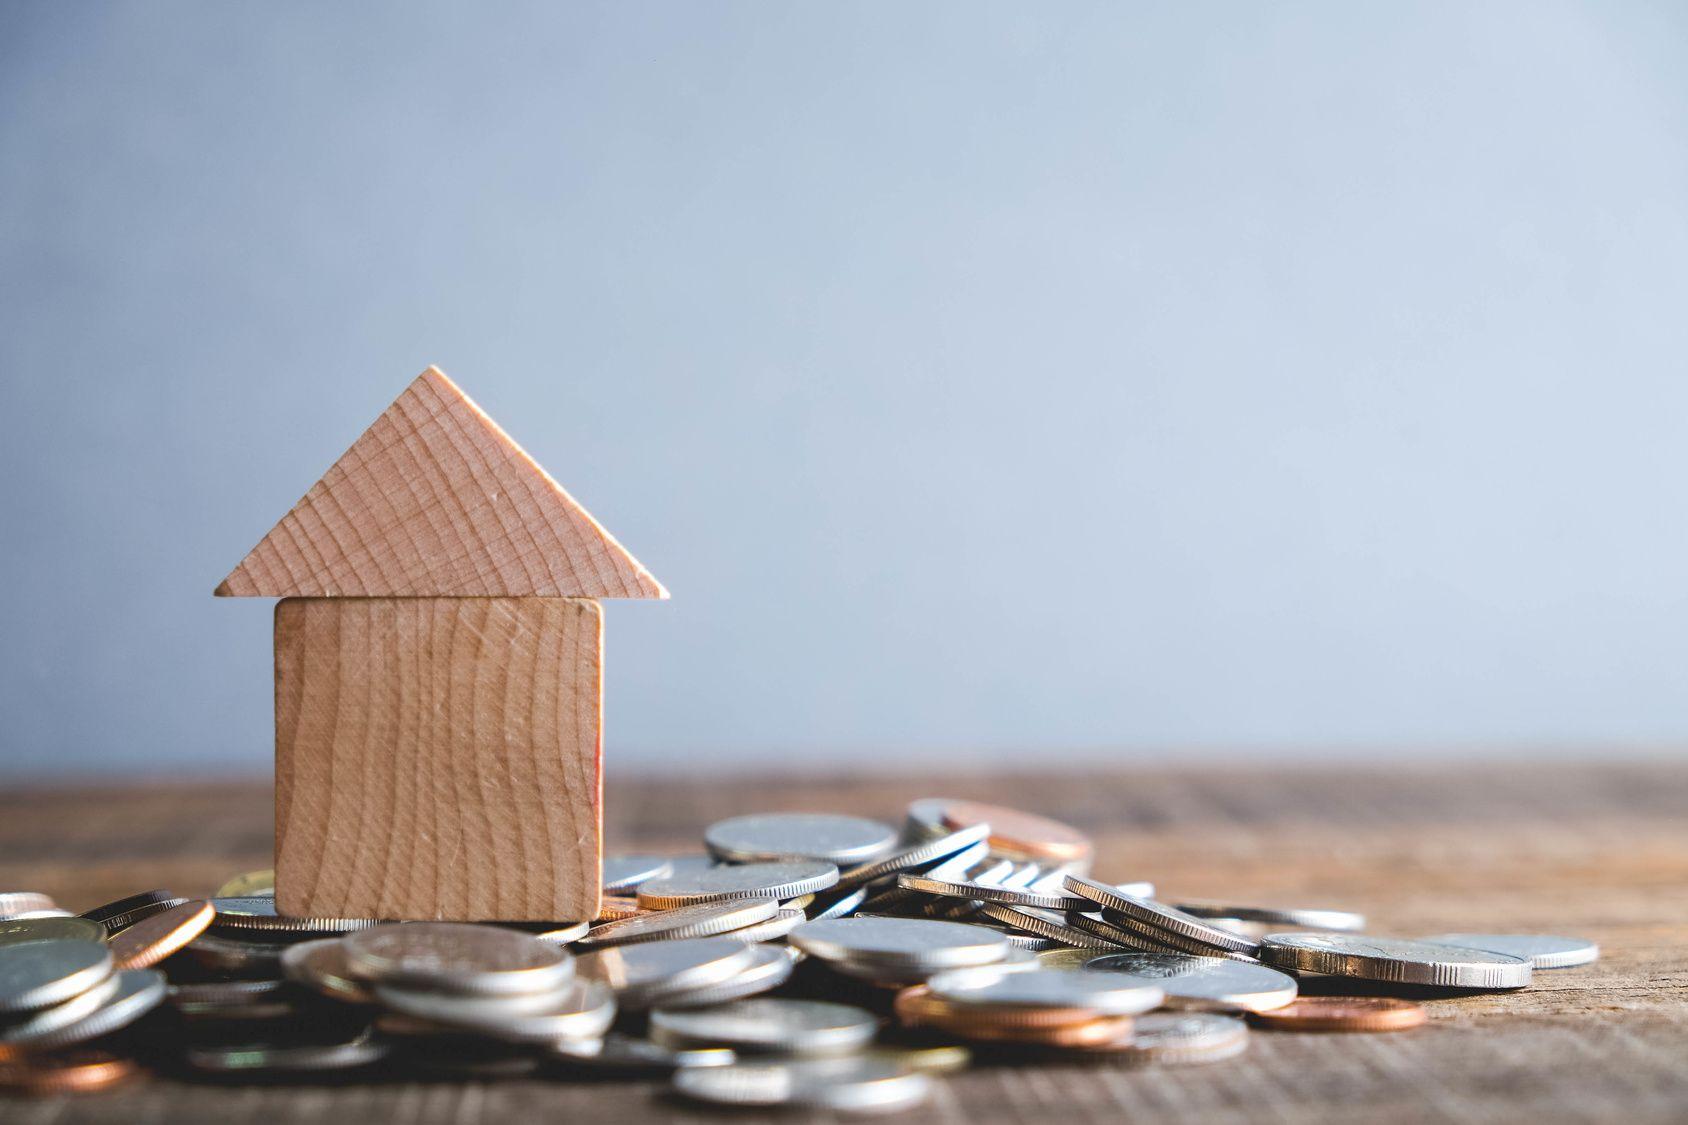 czym się różni kredyt hipoteczny od pożyczki hipotecznej